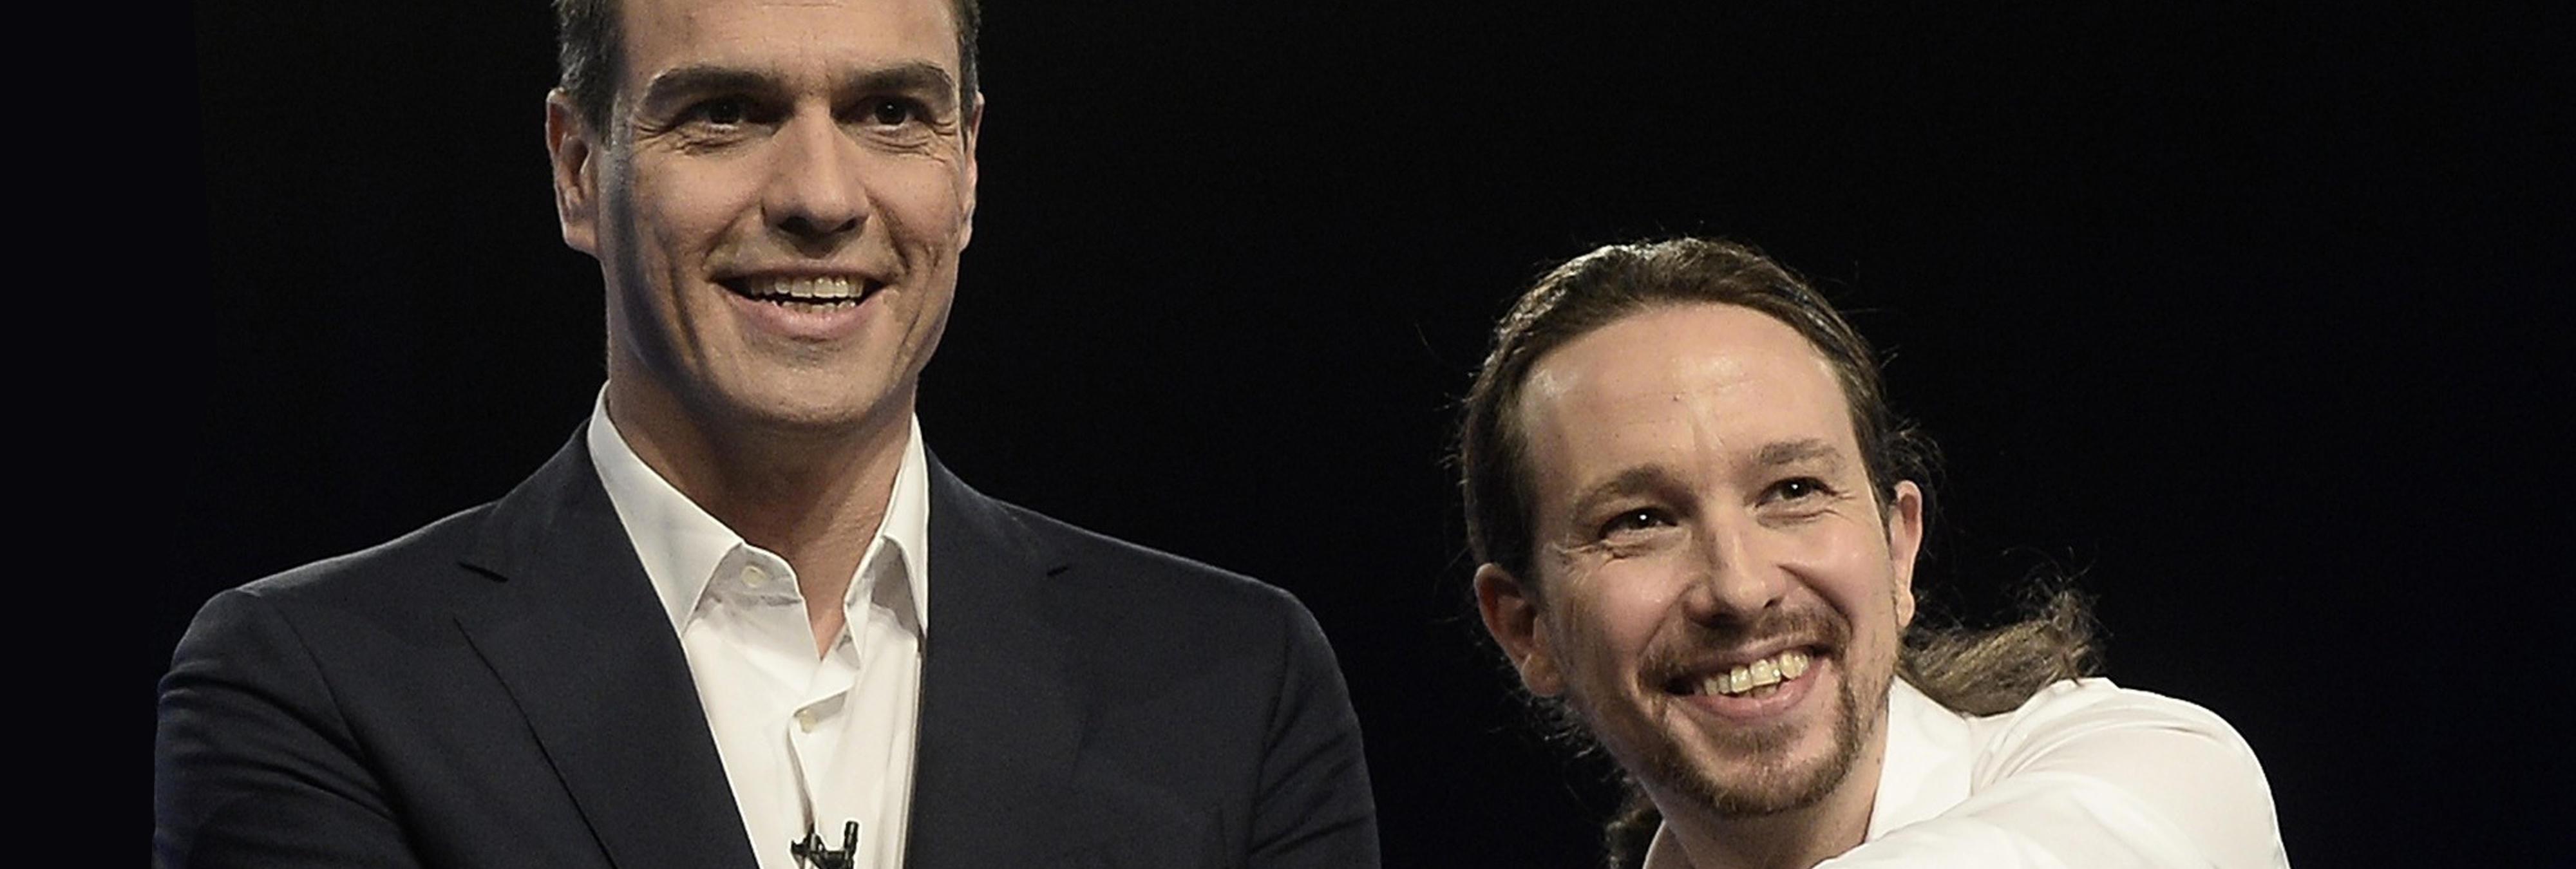 Pedro Sánchez y Pablo Iglesias, lo que separa la política lo une #Peblo